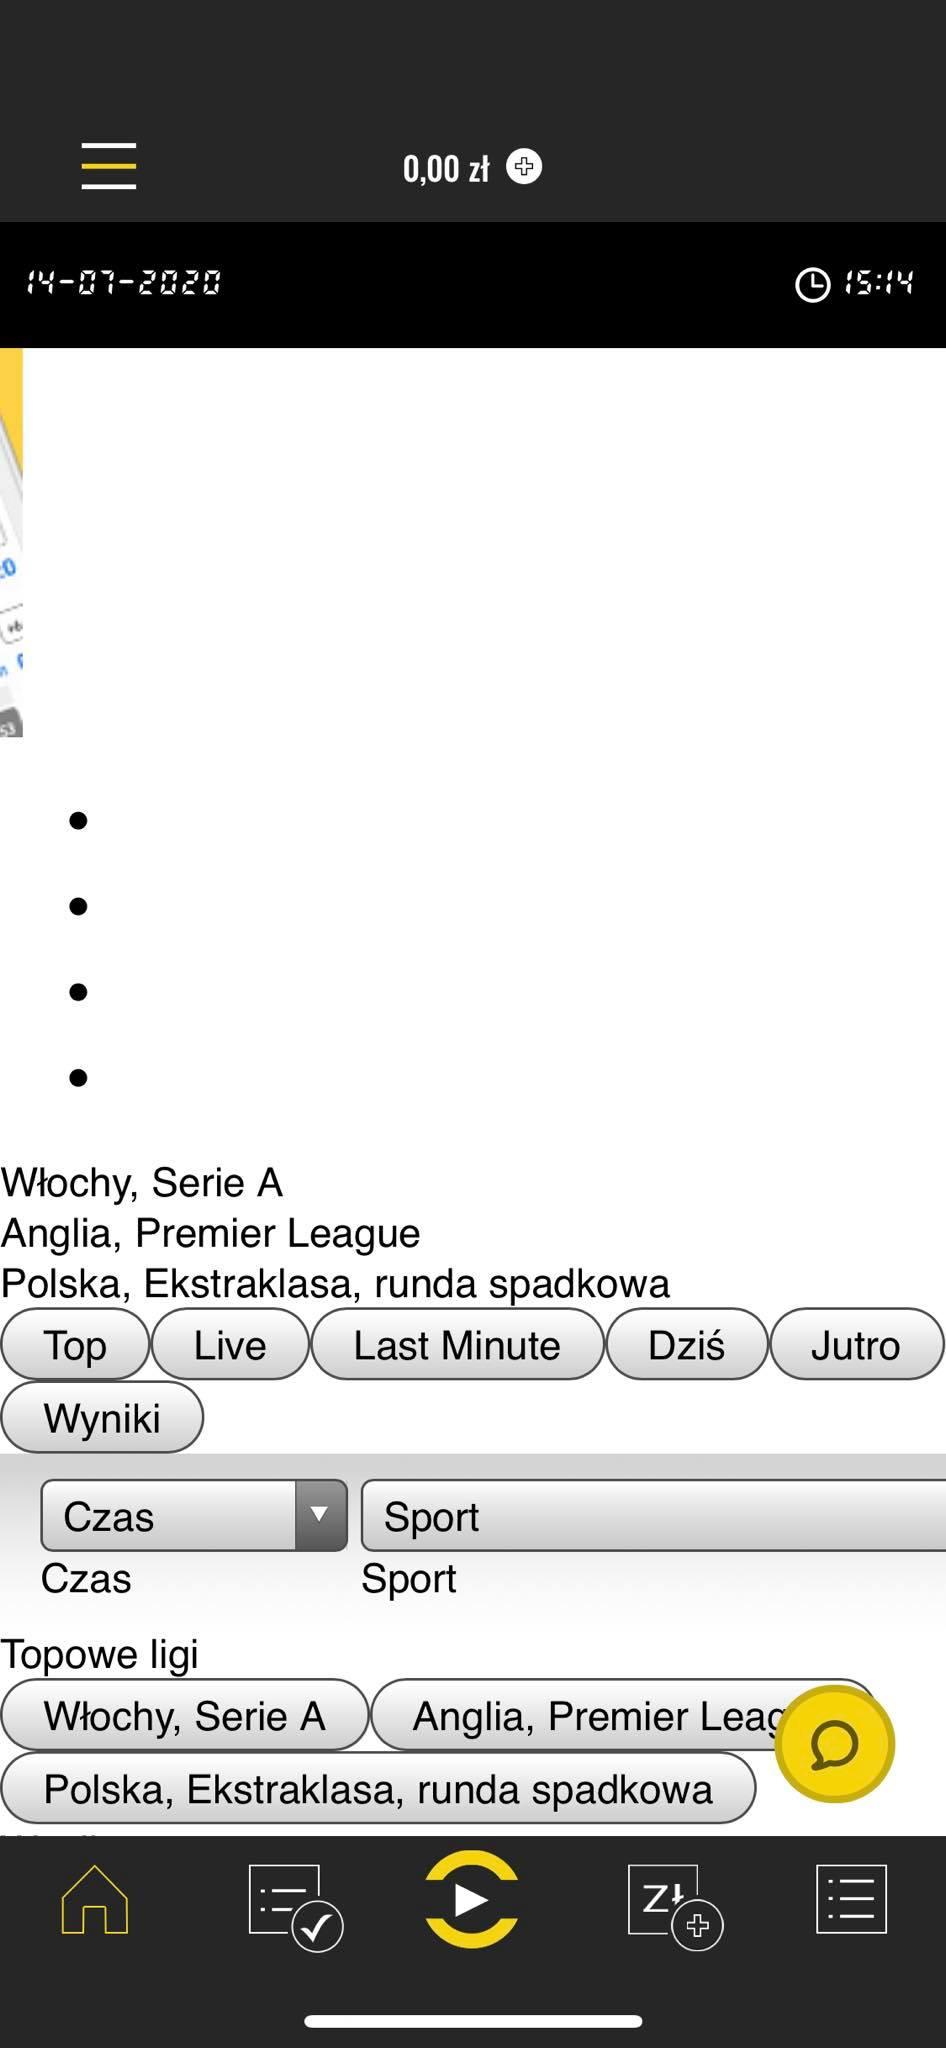 screen shot aplikacji bukmacherskiej totolotek